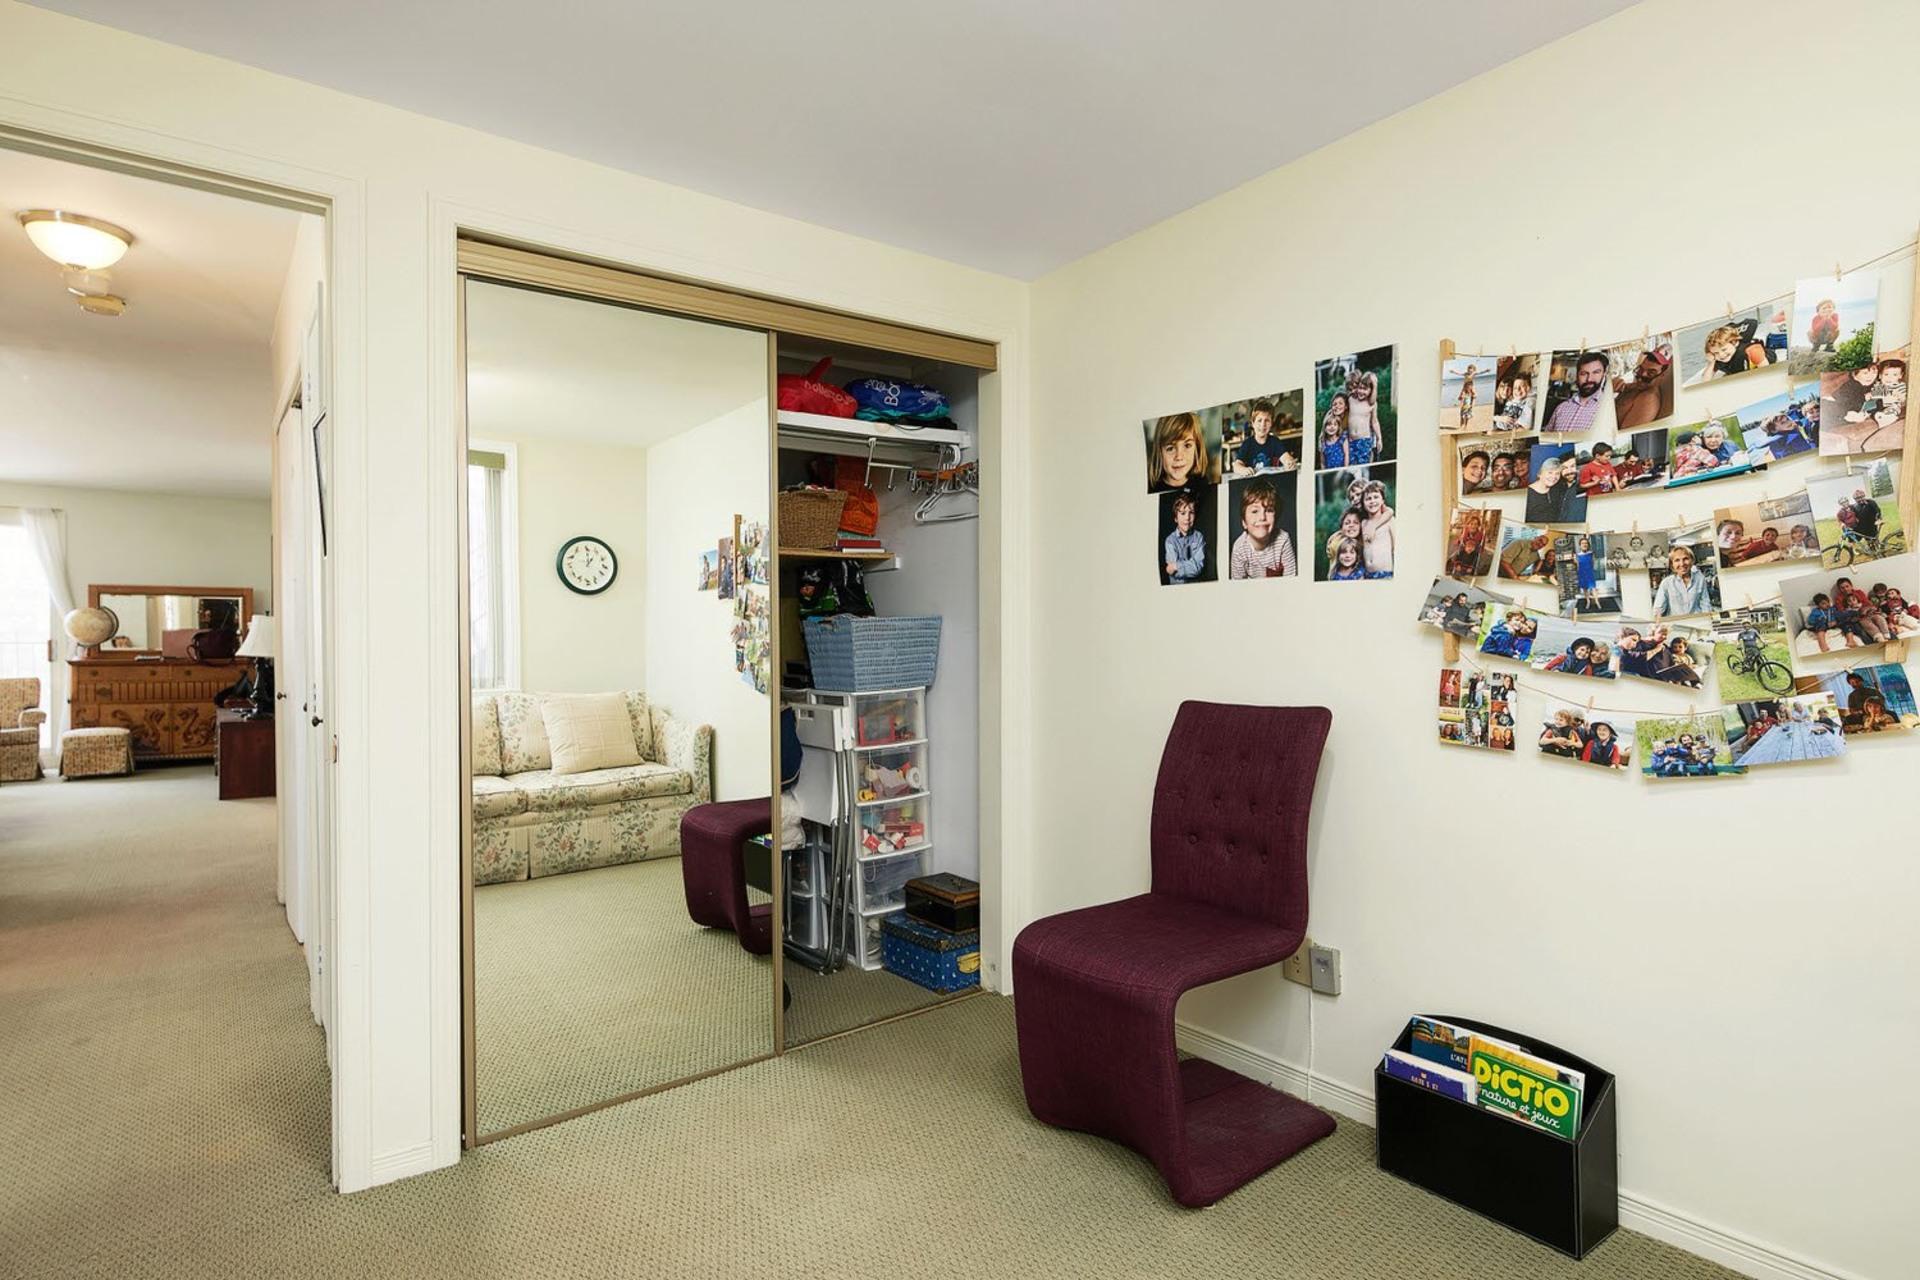 image 13 - Appartement À vendre Le Plateau-Mont-Royal Montréal  - 6 pièces